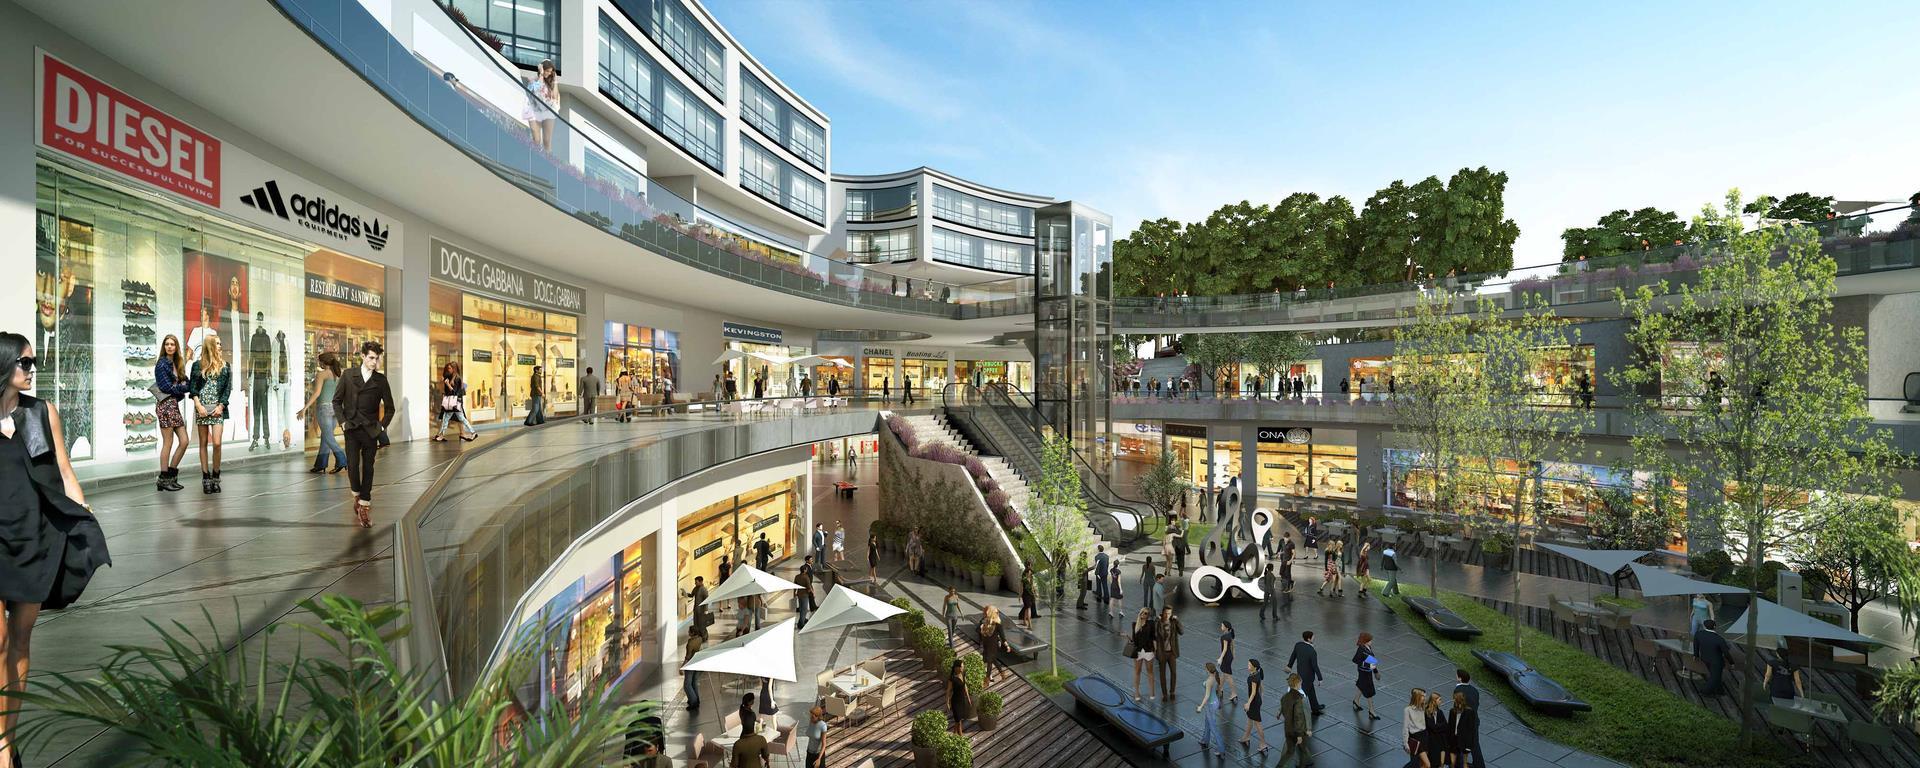 parque arauco la molina 3 - Cencosud y Parque Arauco reanudan construcción de sus malls en La Molina